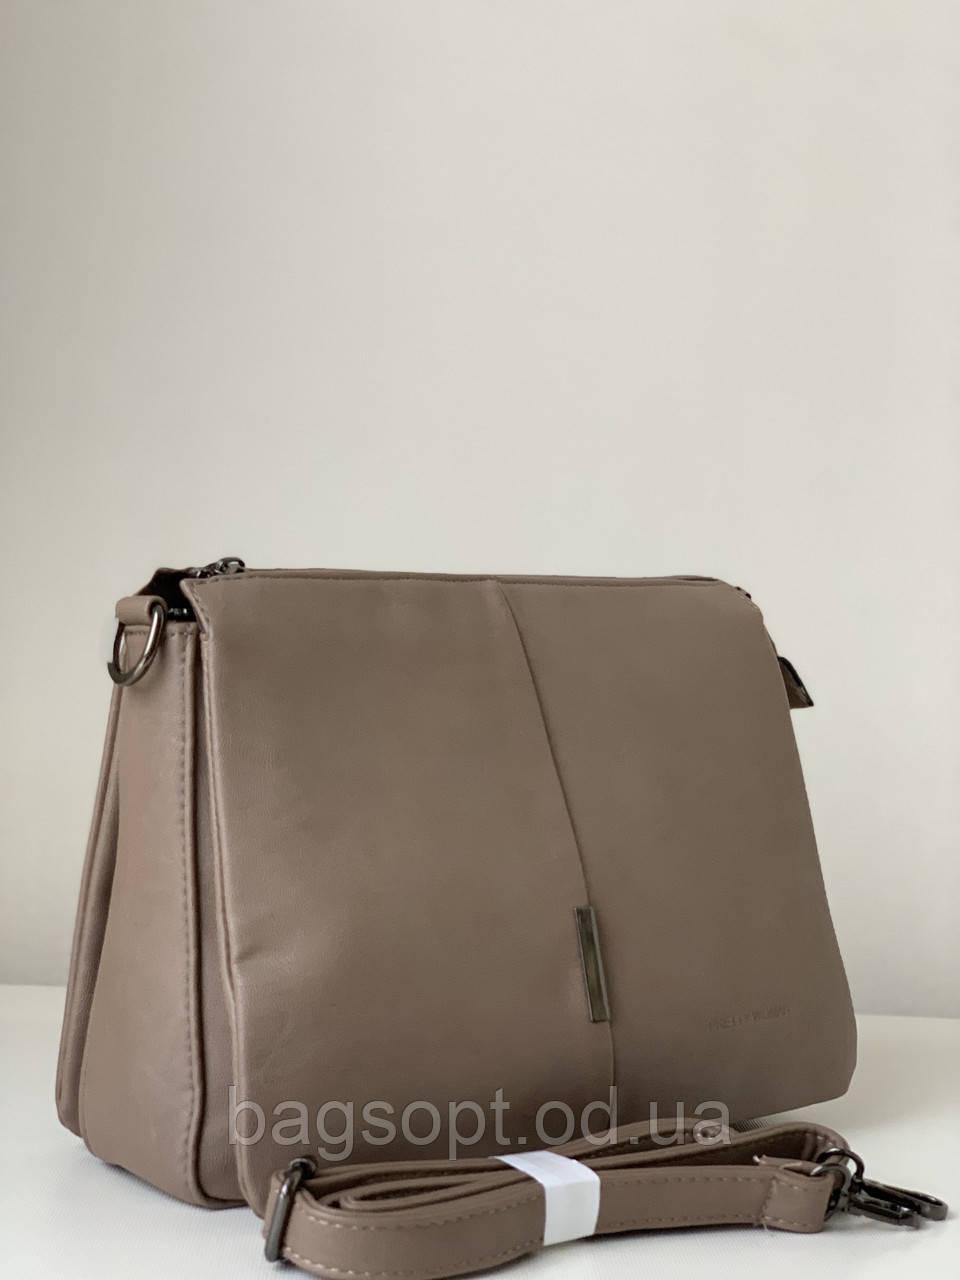 Женская классическая сумка повседневная Pretty Woman с плечевым ремнем в Одессе